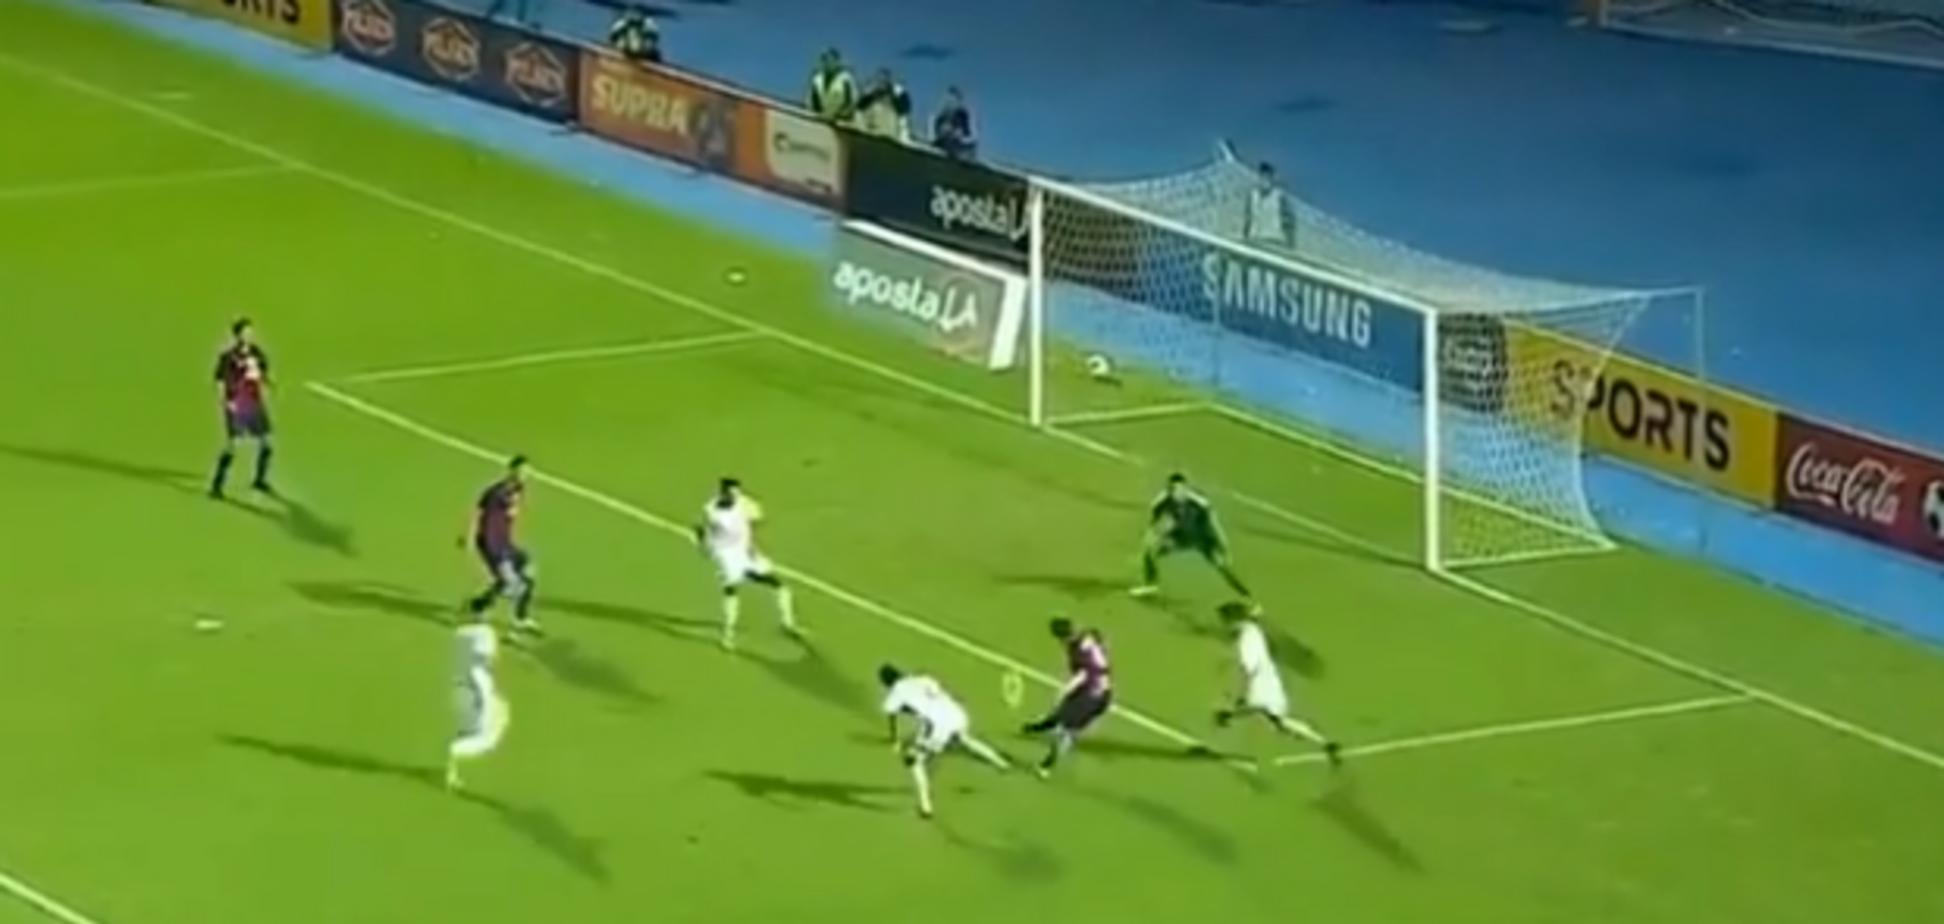 Уругвайський футболіст 'магічним' фінтом обіграв захисника і забив гол-шедевр